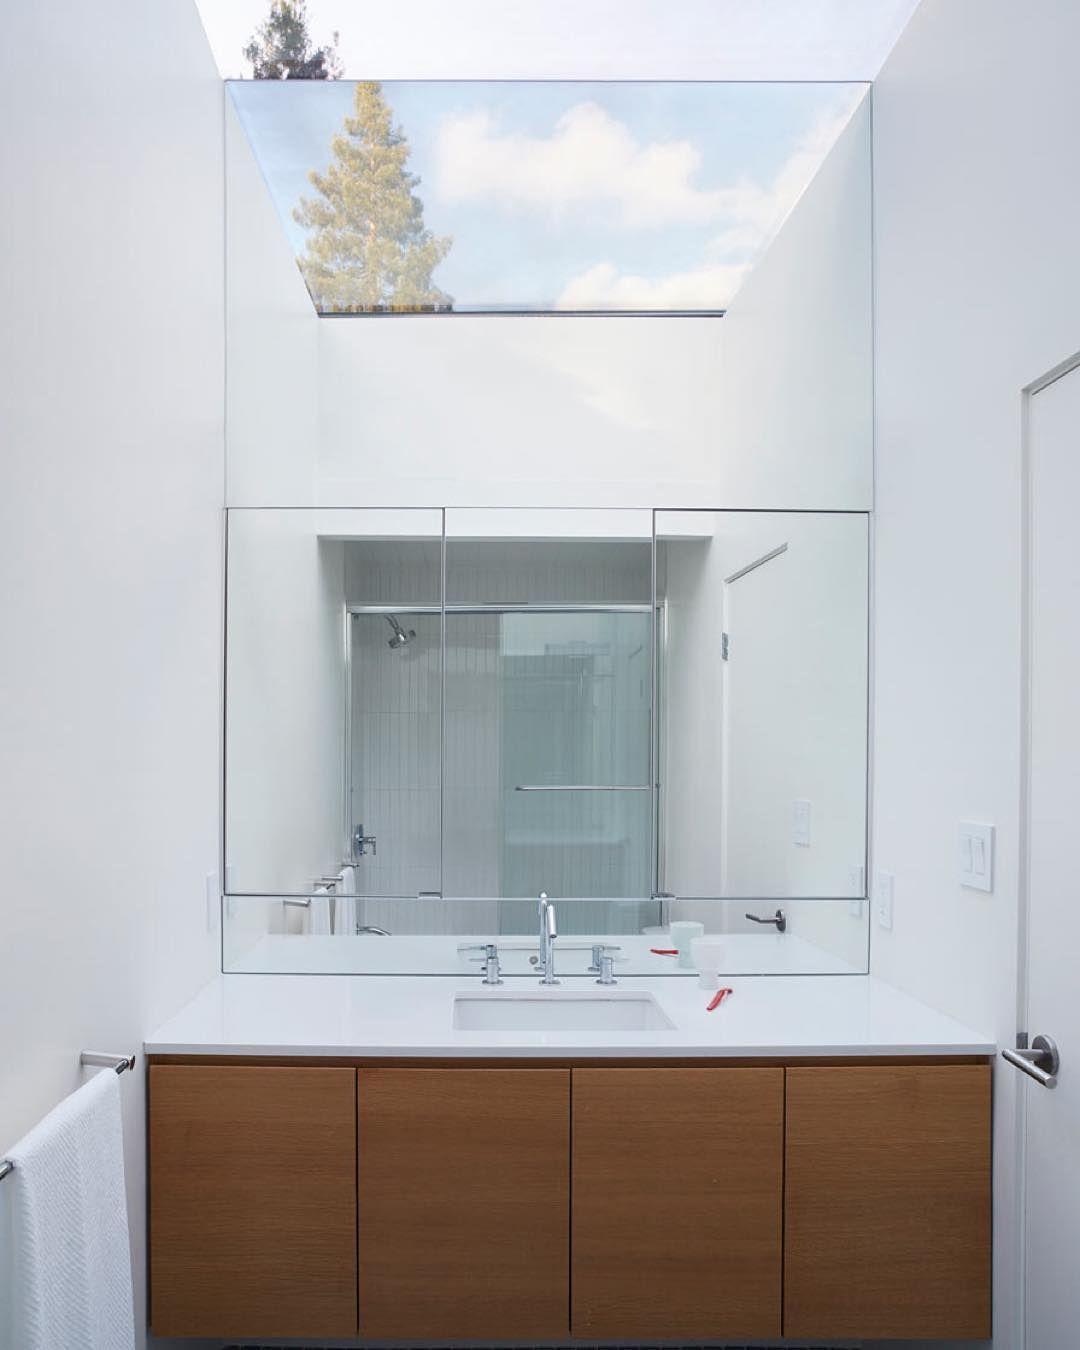 Bathroom Remodel Greenwood In: Amazing Massive #bathroom Skylight In An #Eichler